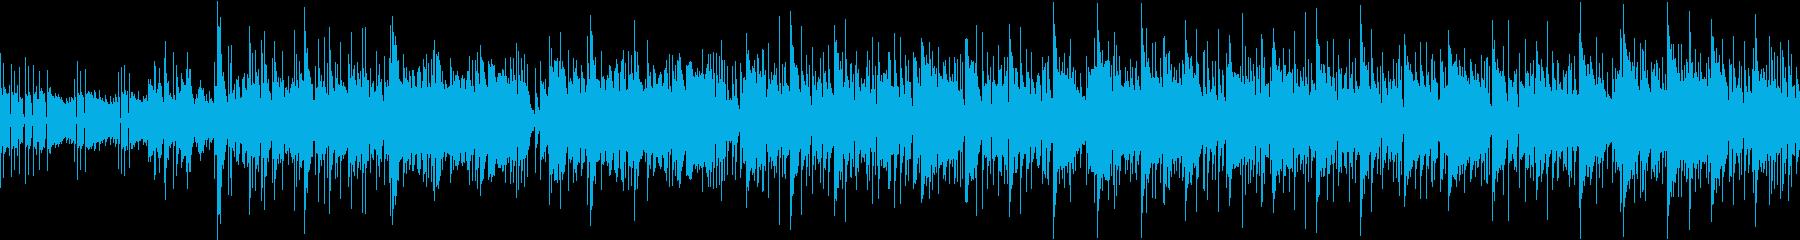 スラップベースが主張している曲の再生済みの波形